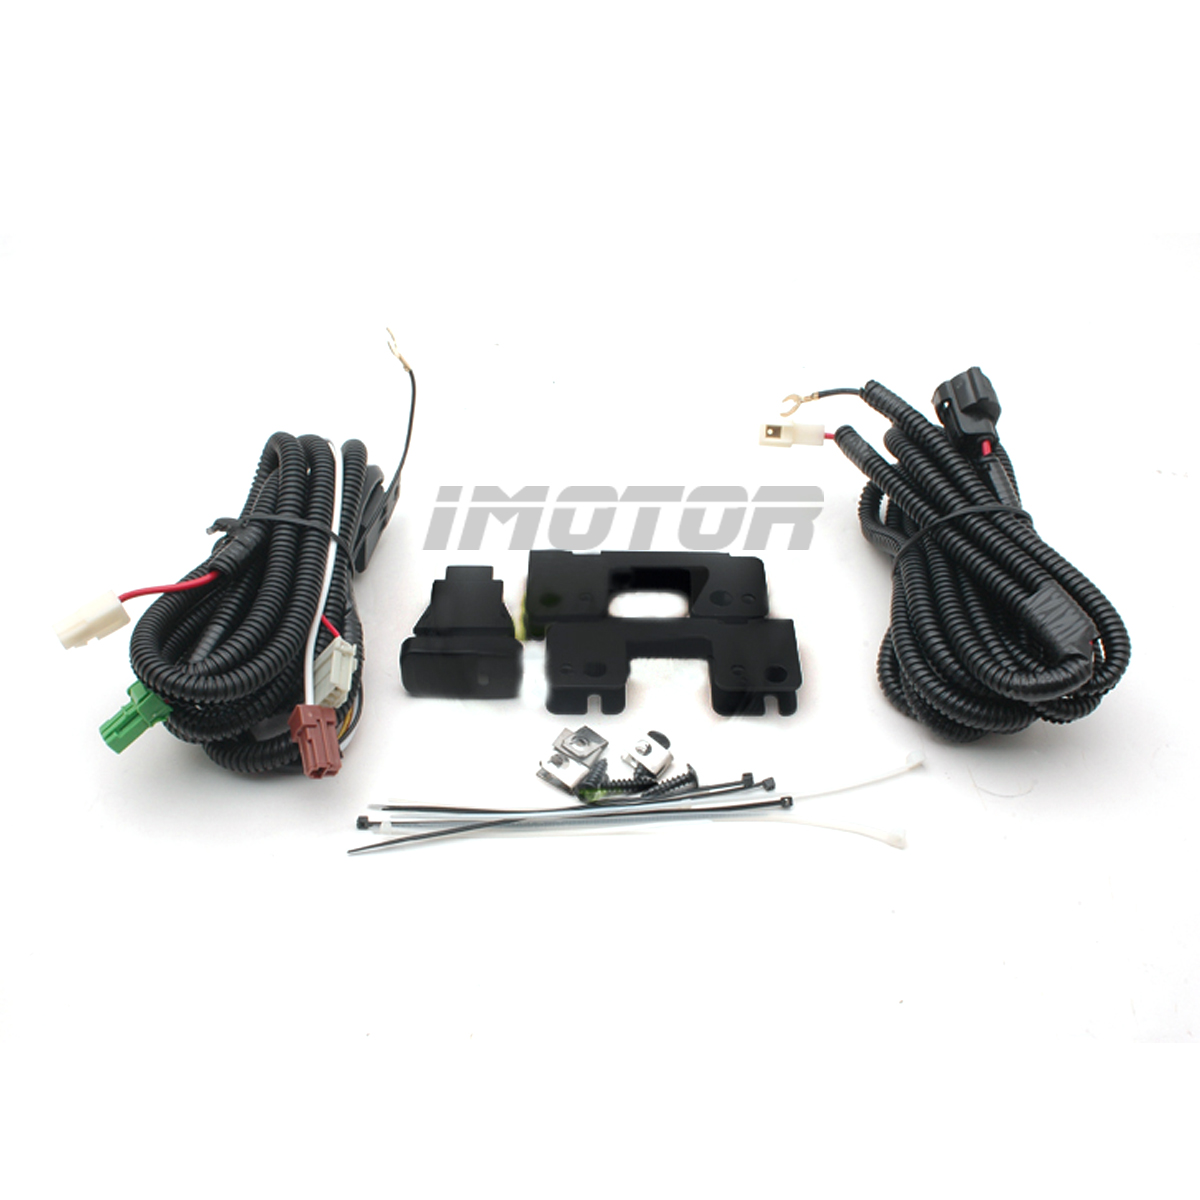 For 2002-2005 Honda Civic SI Hatchback 3Dr JDM Fog Lights+Wiring Harness+Switch  | eBay